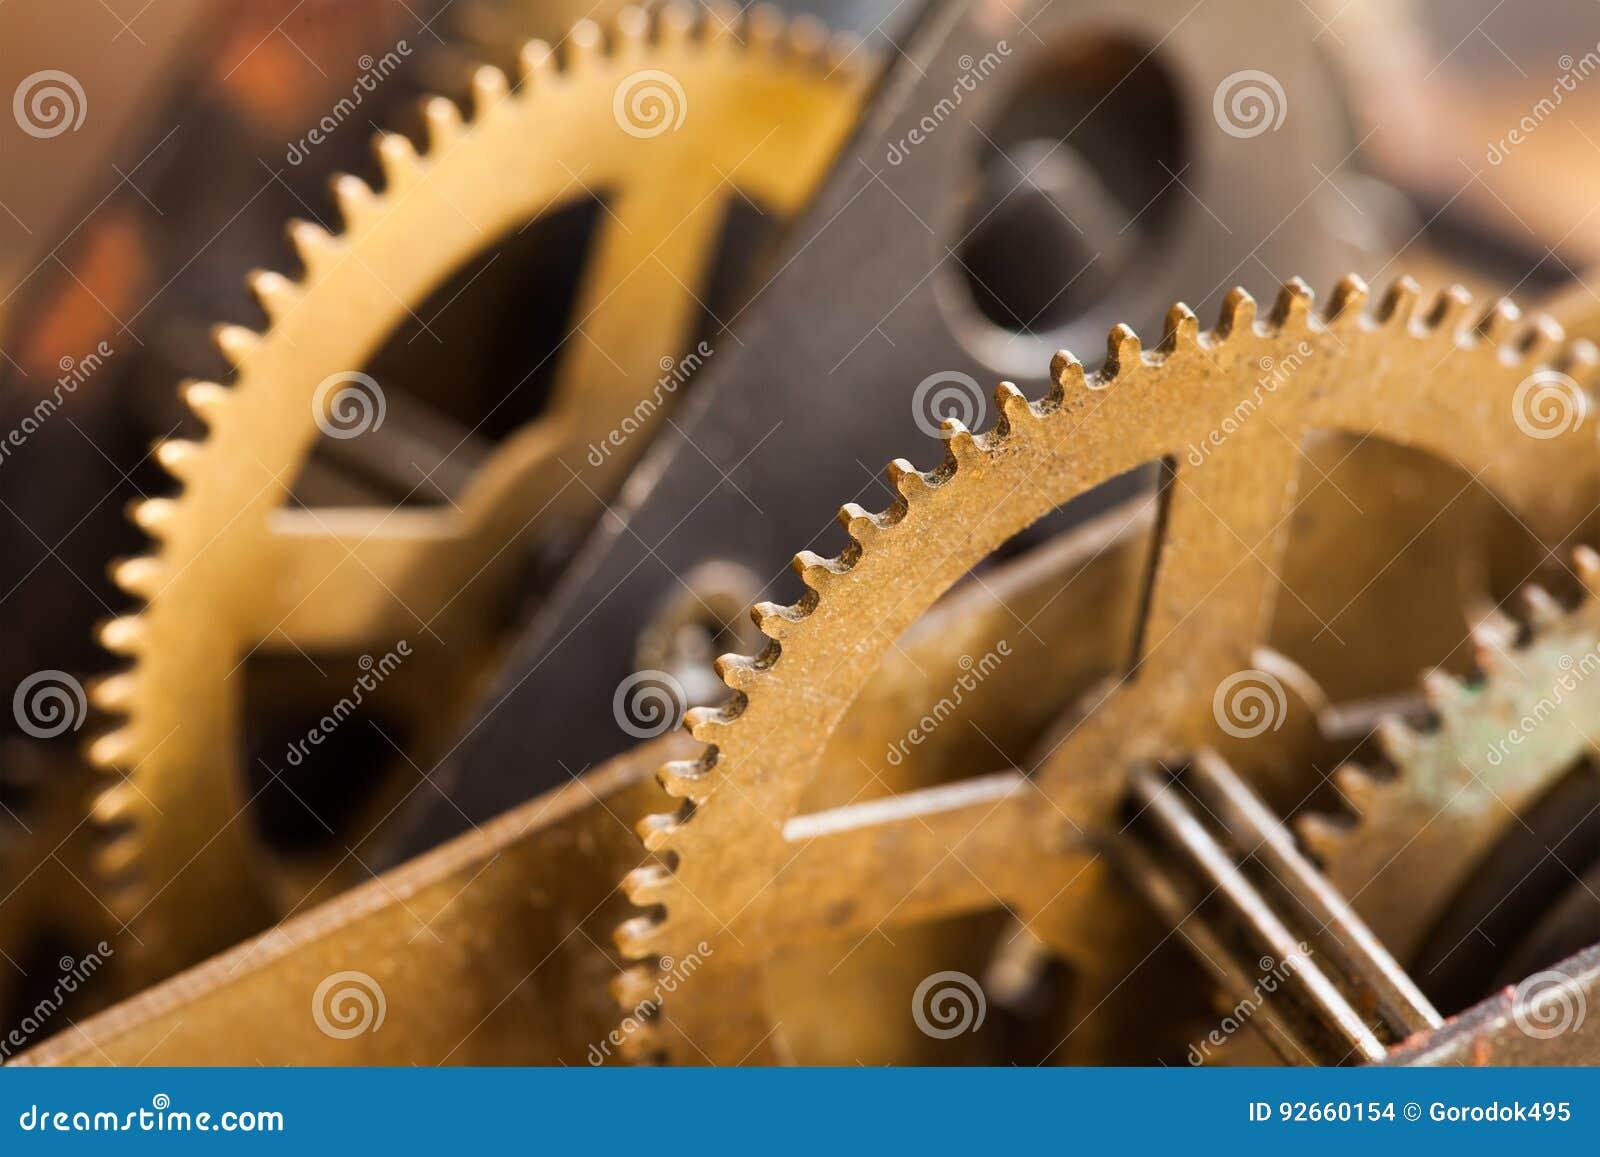 Vista di macro della trasmissione del dente del bronzo del macchinario industriale Meccanismo invecchiato dei denti della ruota d